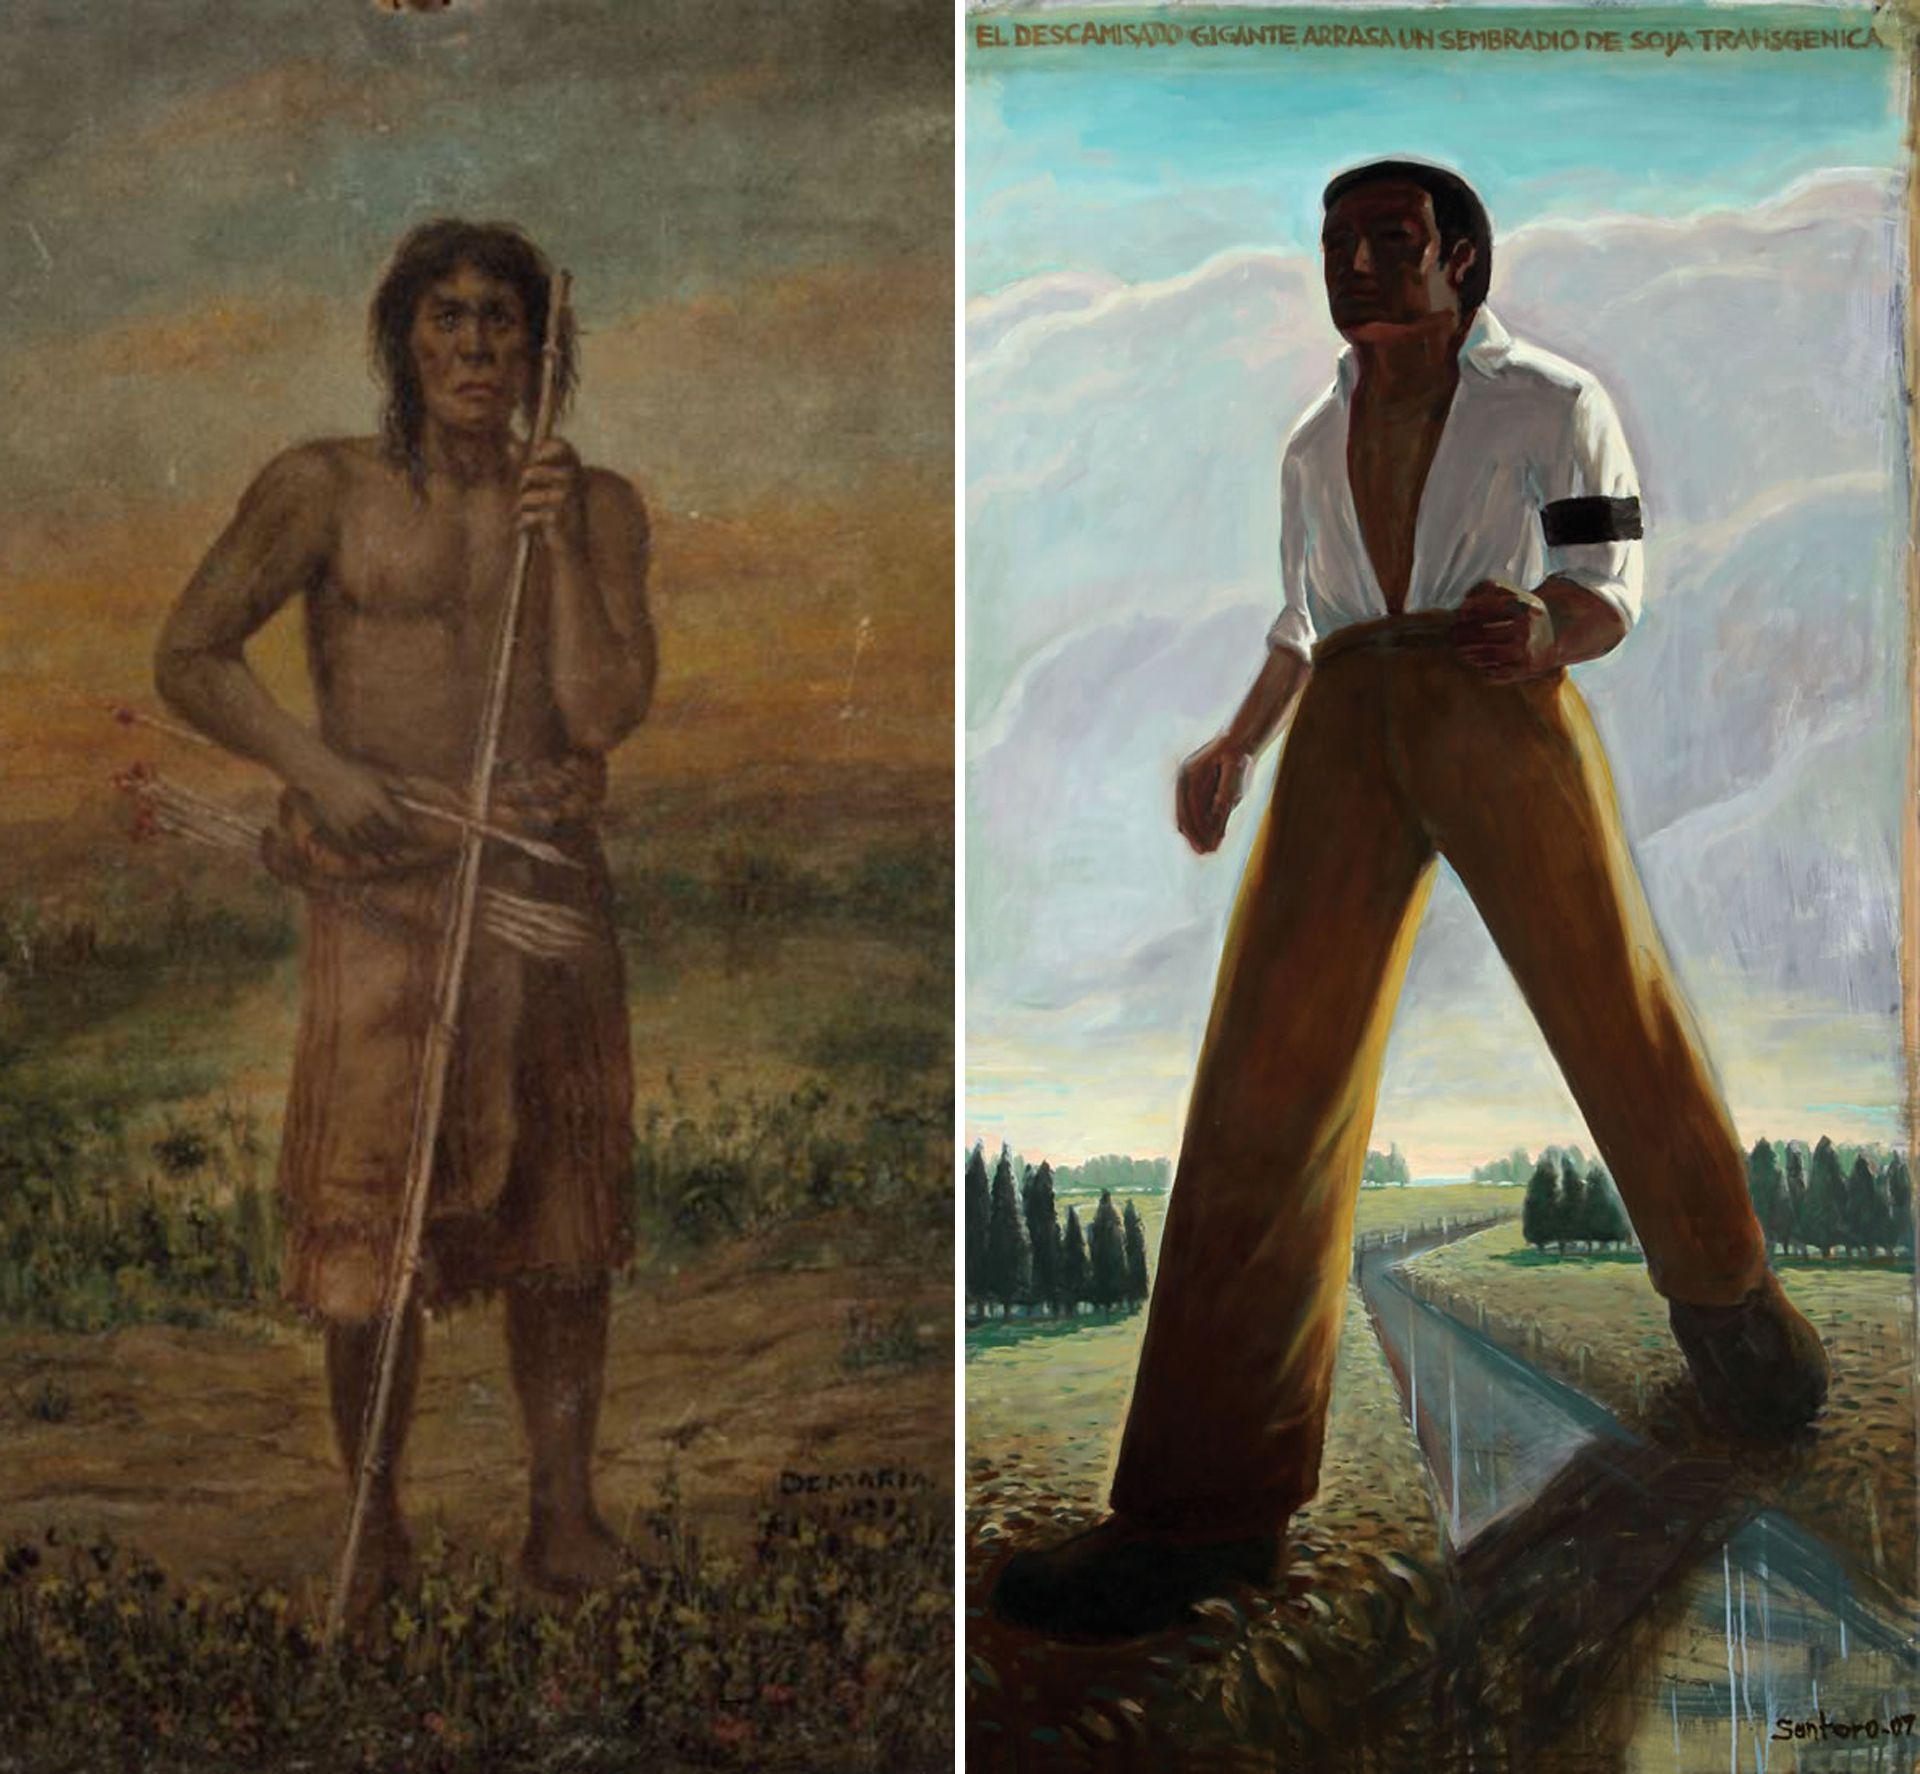 """""""Indio guerrero"""" (1898) de Bernabé Demaría / """"El descamisado gigante arrasa un campo de soja transgénica"""" (2008) de Daniel Santoro"""